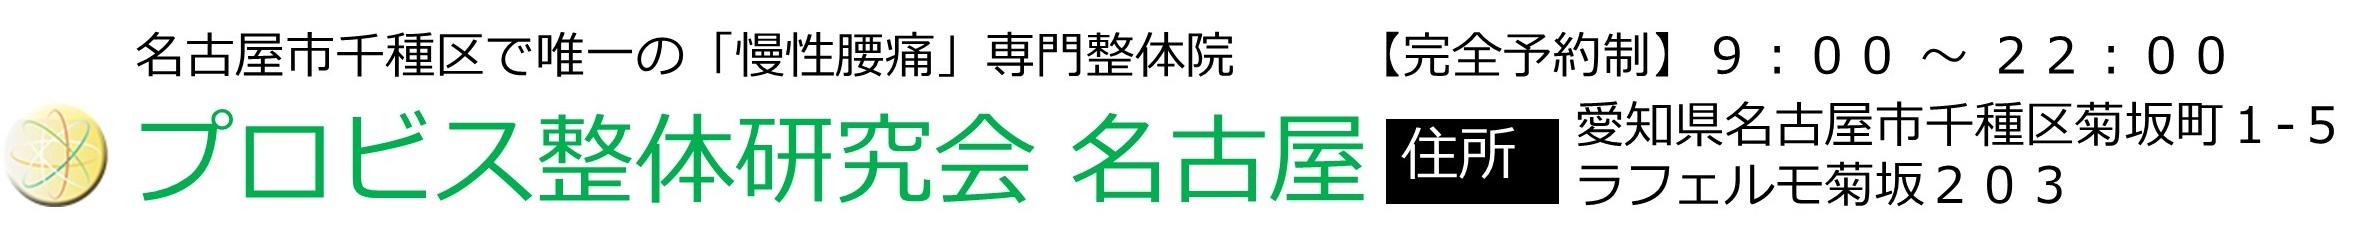 プロビス整体研究会 名古屋